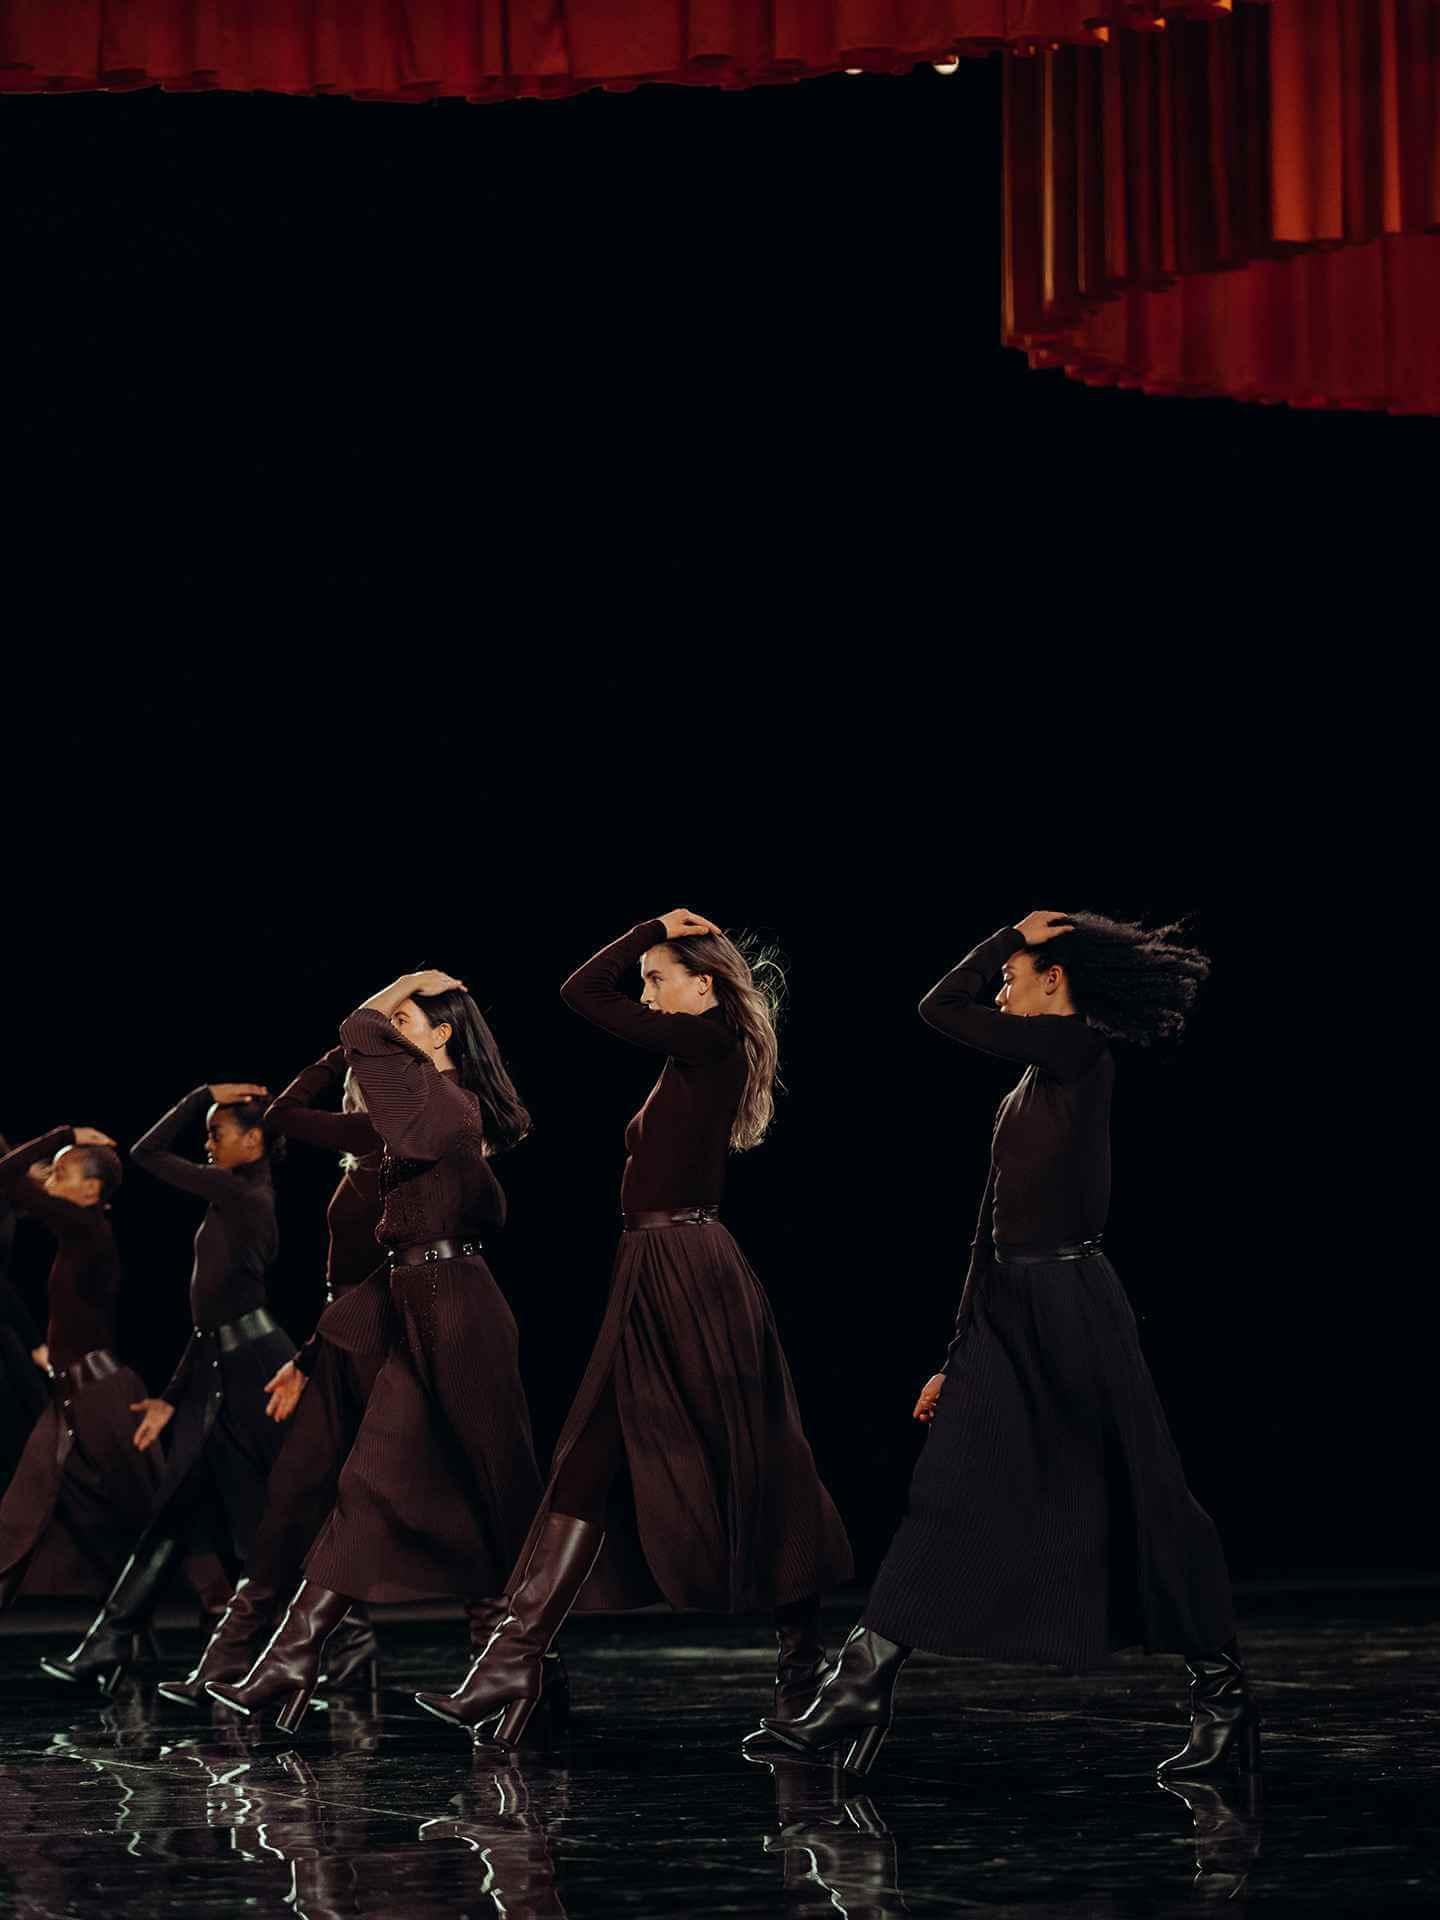 Dance Triptych - Hermès